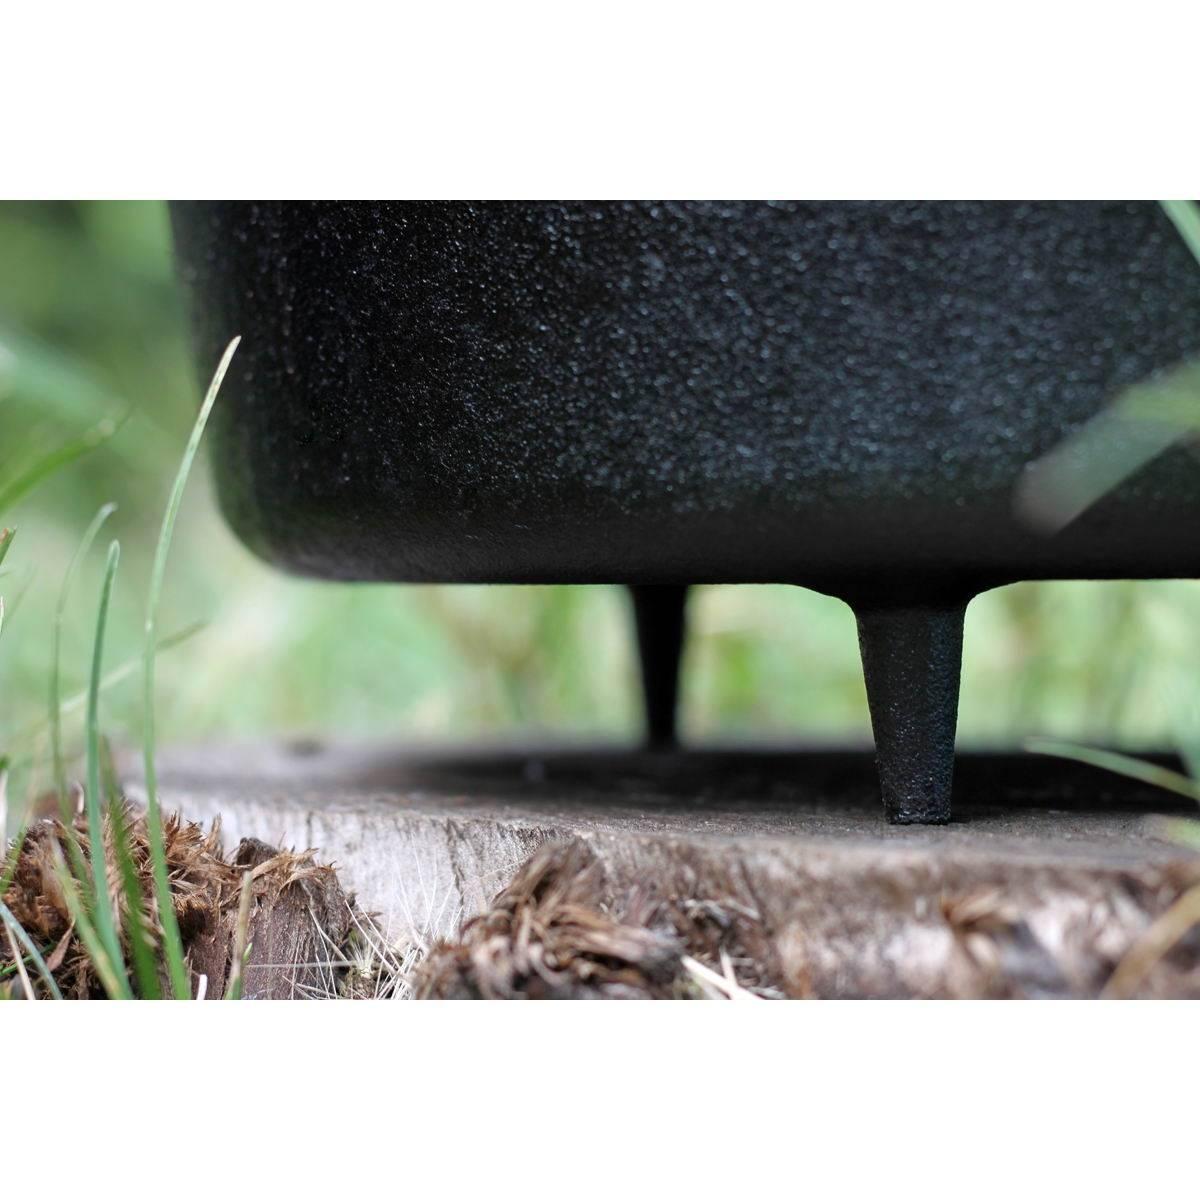 Petromax Feuertopf ft 6 mit Füßen - Bild 3